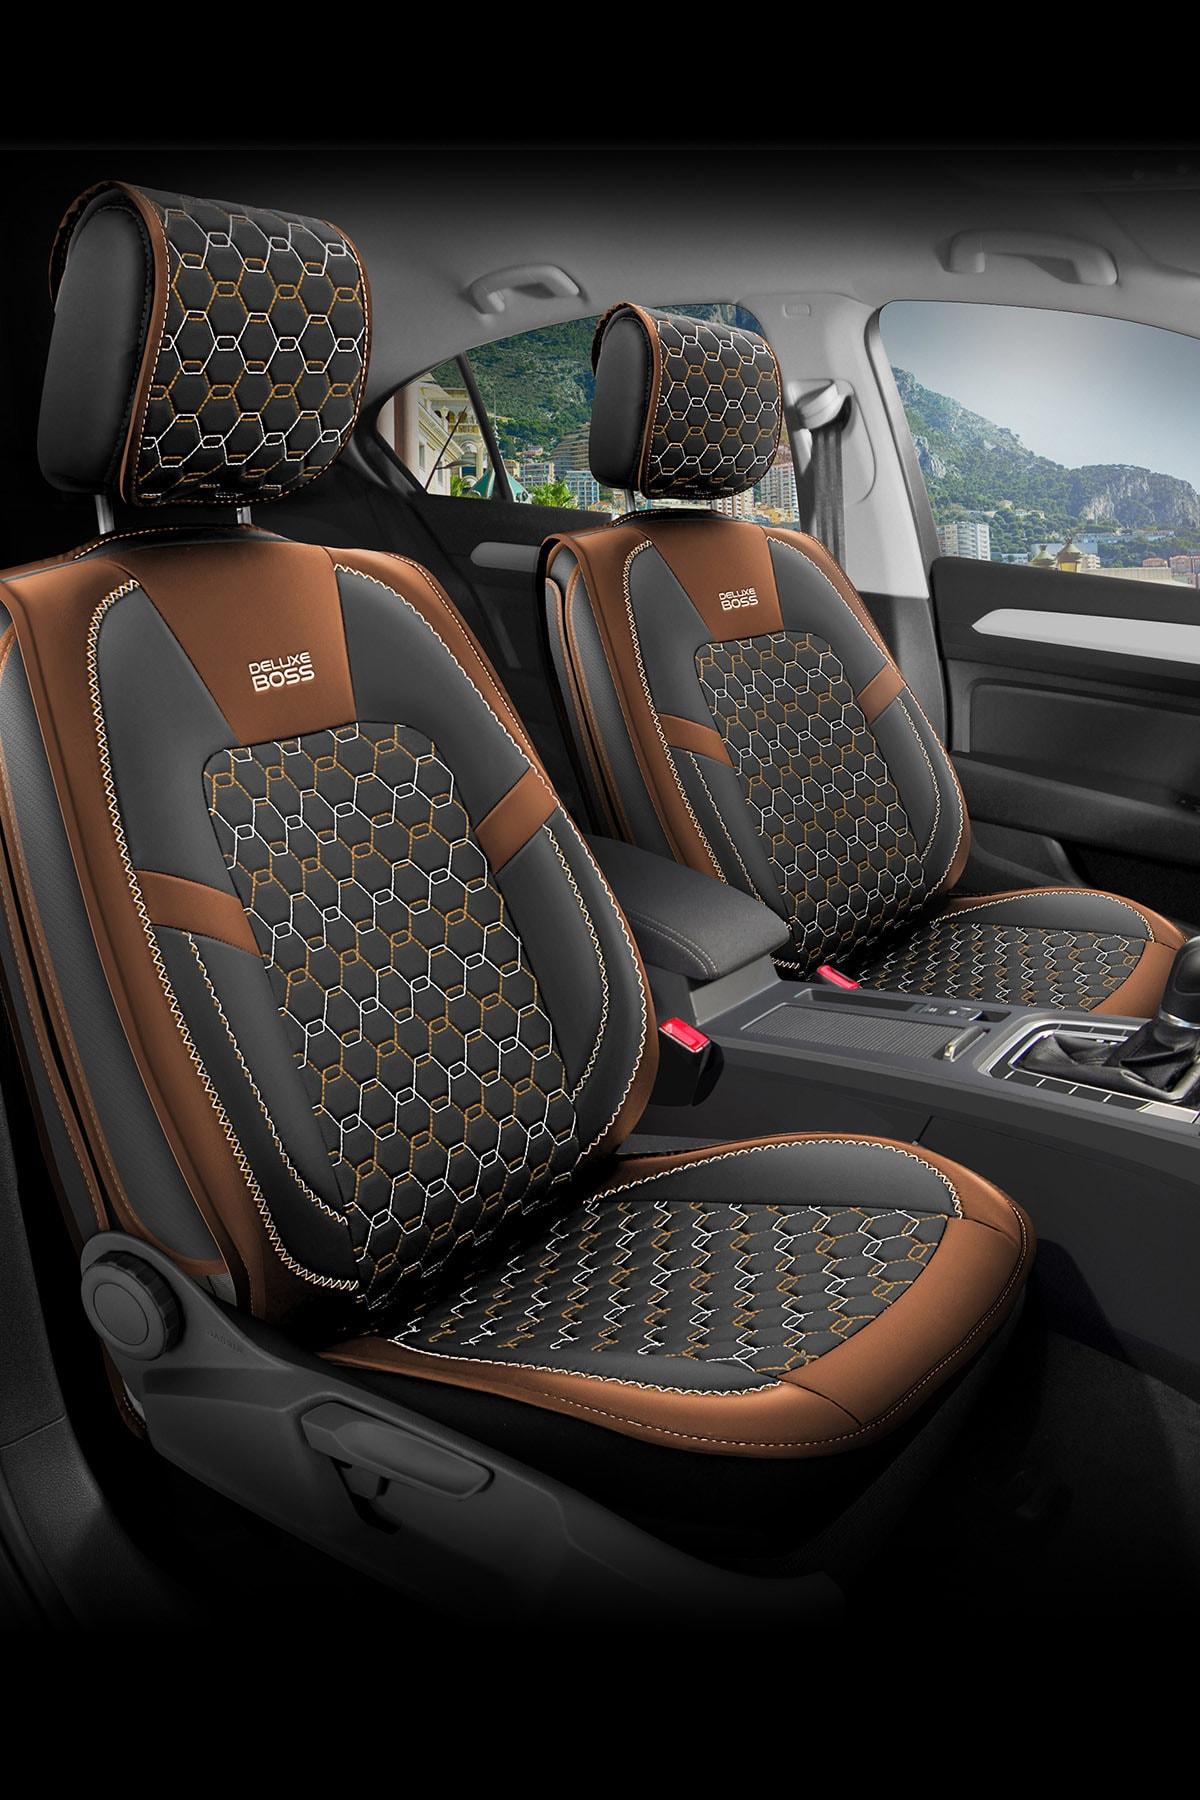 Deluxe Boss Fiat Fiorino Deri Koltuk Kilifi Deluxe Boss Luxury Fit Diamond T Dt10 Fiyatlari Ozellikleri Ve Yorumlari En Ucuzu Akakce